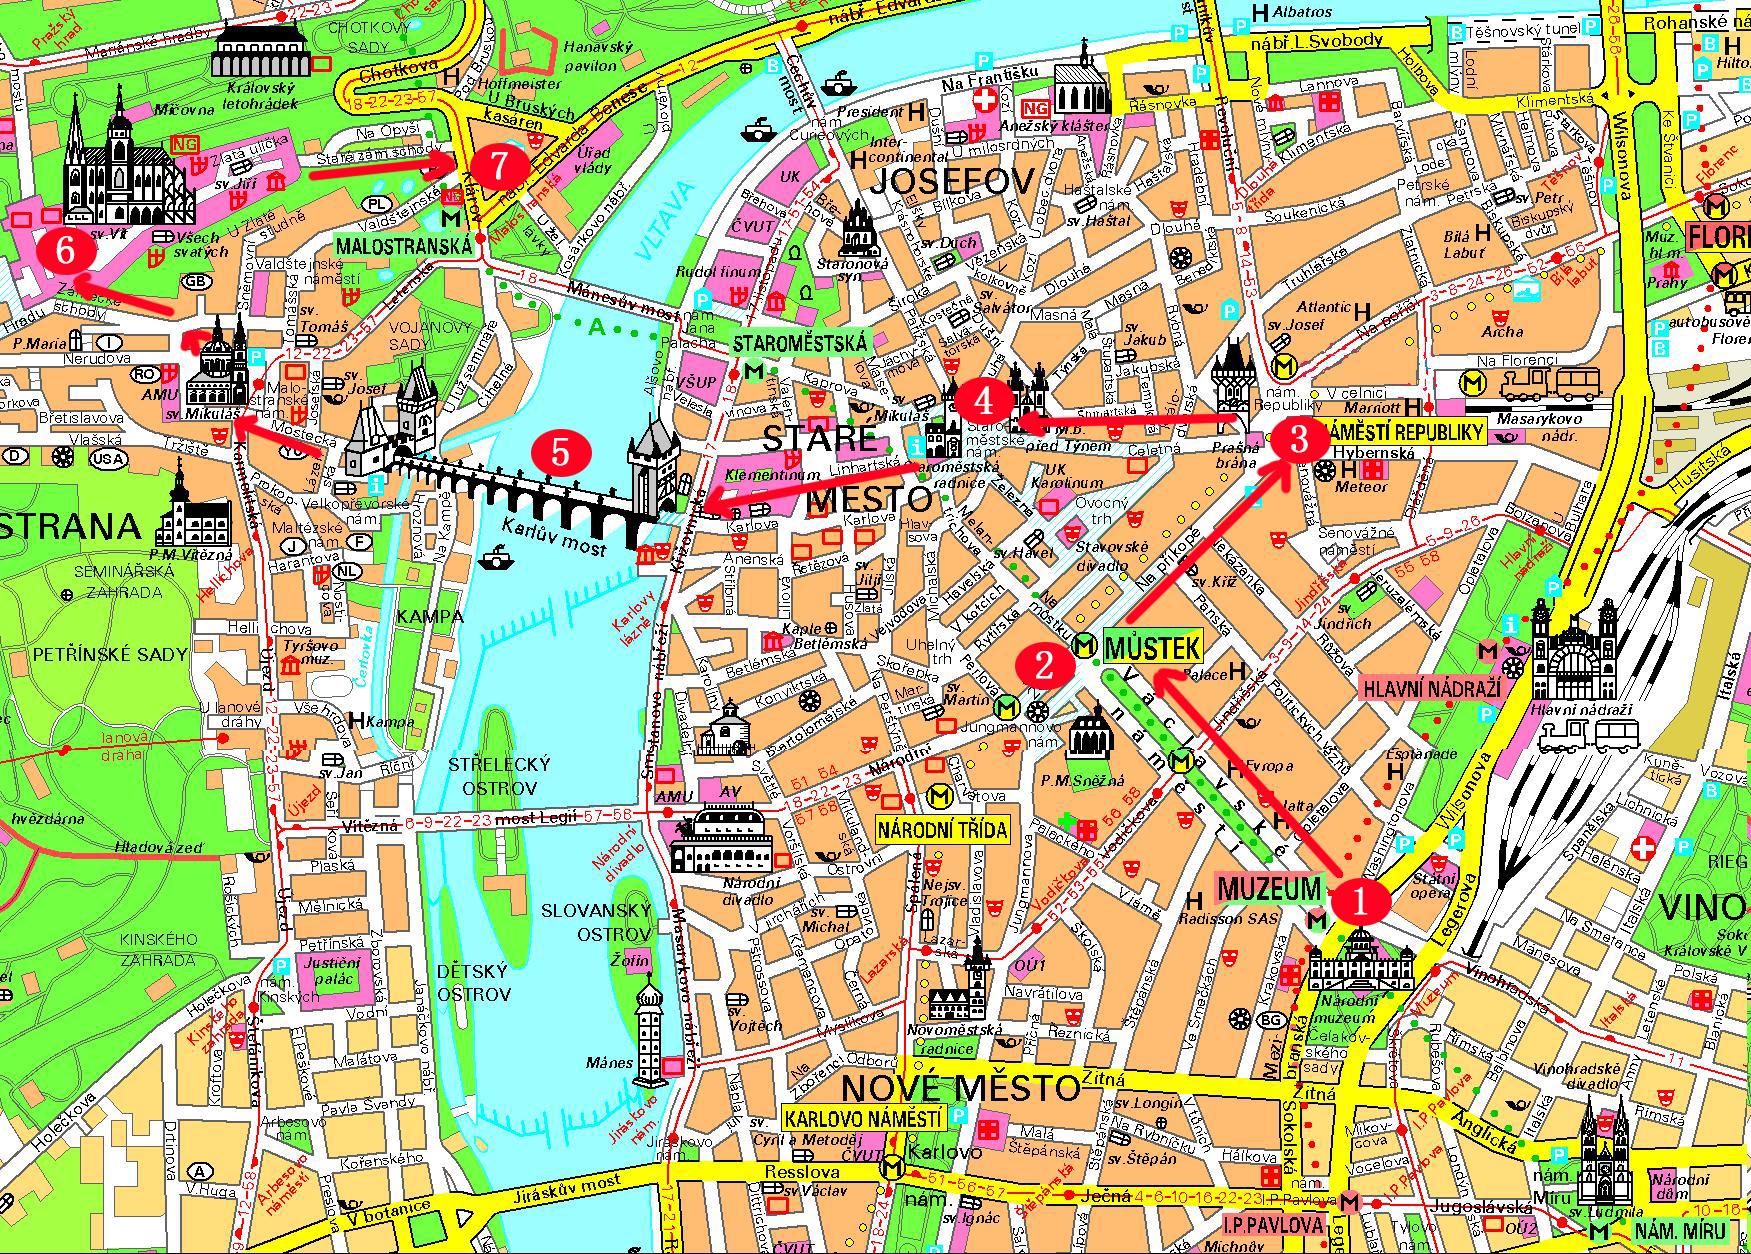 布拉格旅游地图